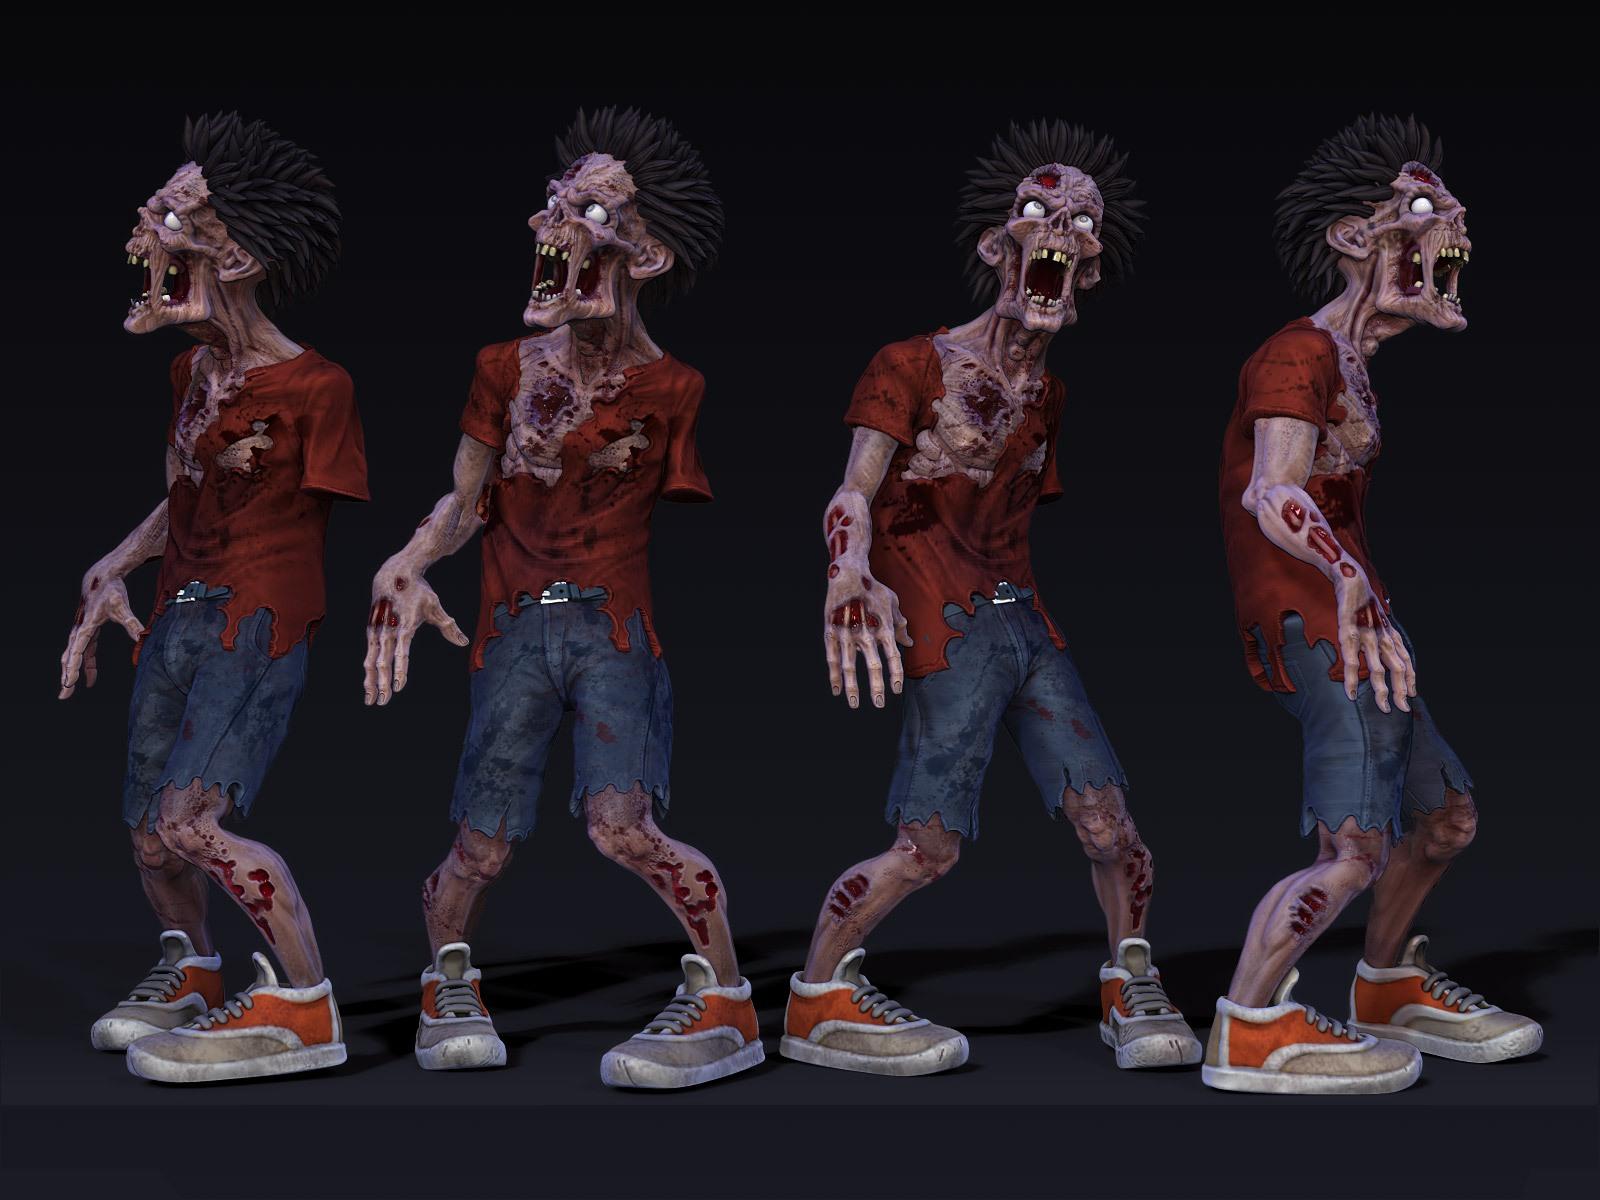 zbh_zombie